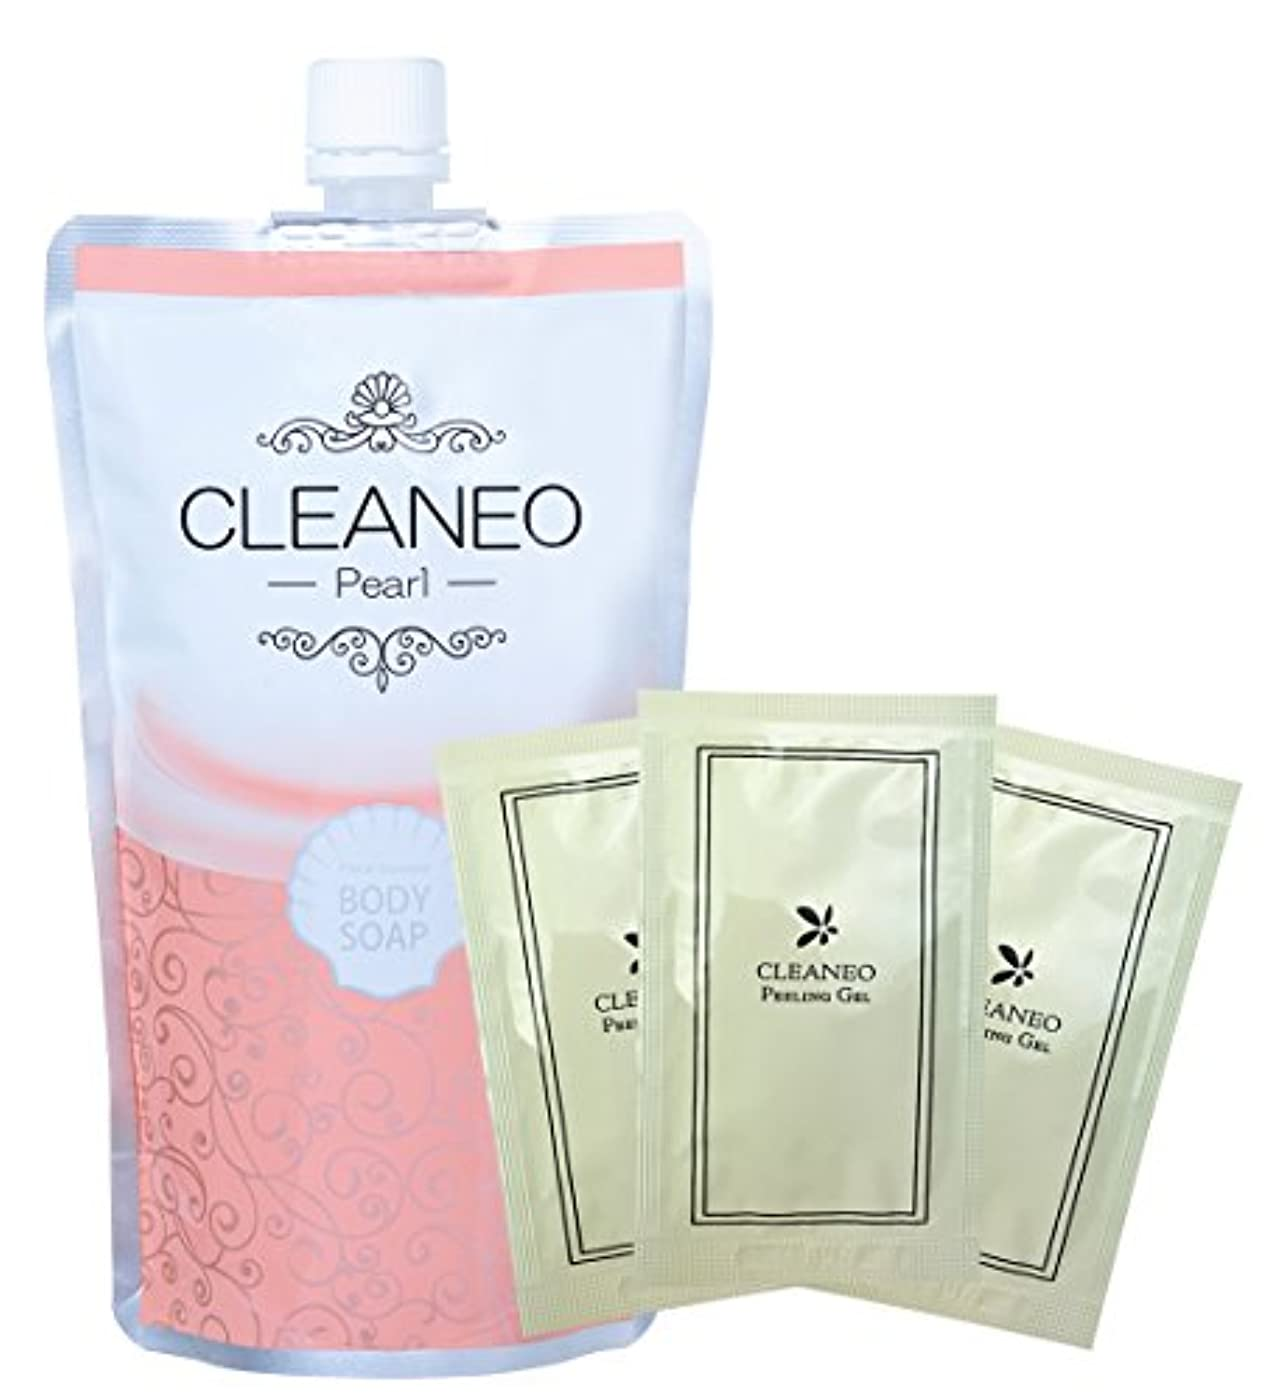 対抗見えないコンペクリアネオ公式(CLEANEO) パール オーガニックボディソープ?透明感のある美肌へ(詰替300ml+ピーリングジェル1か月分セット)